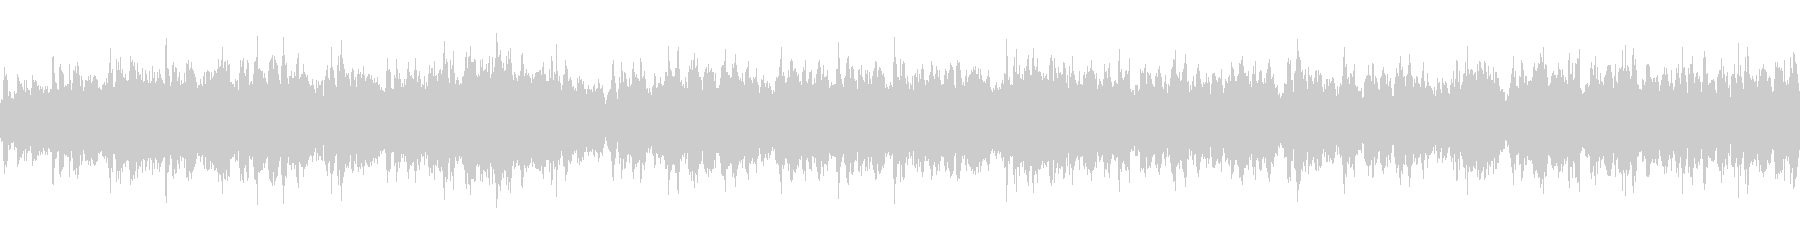 【緊張/不安】ストリングス:ループBGMの未再生の波形